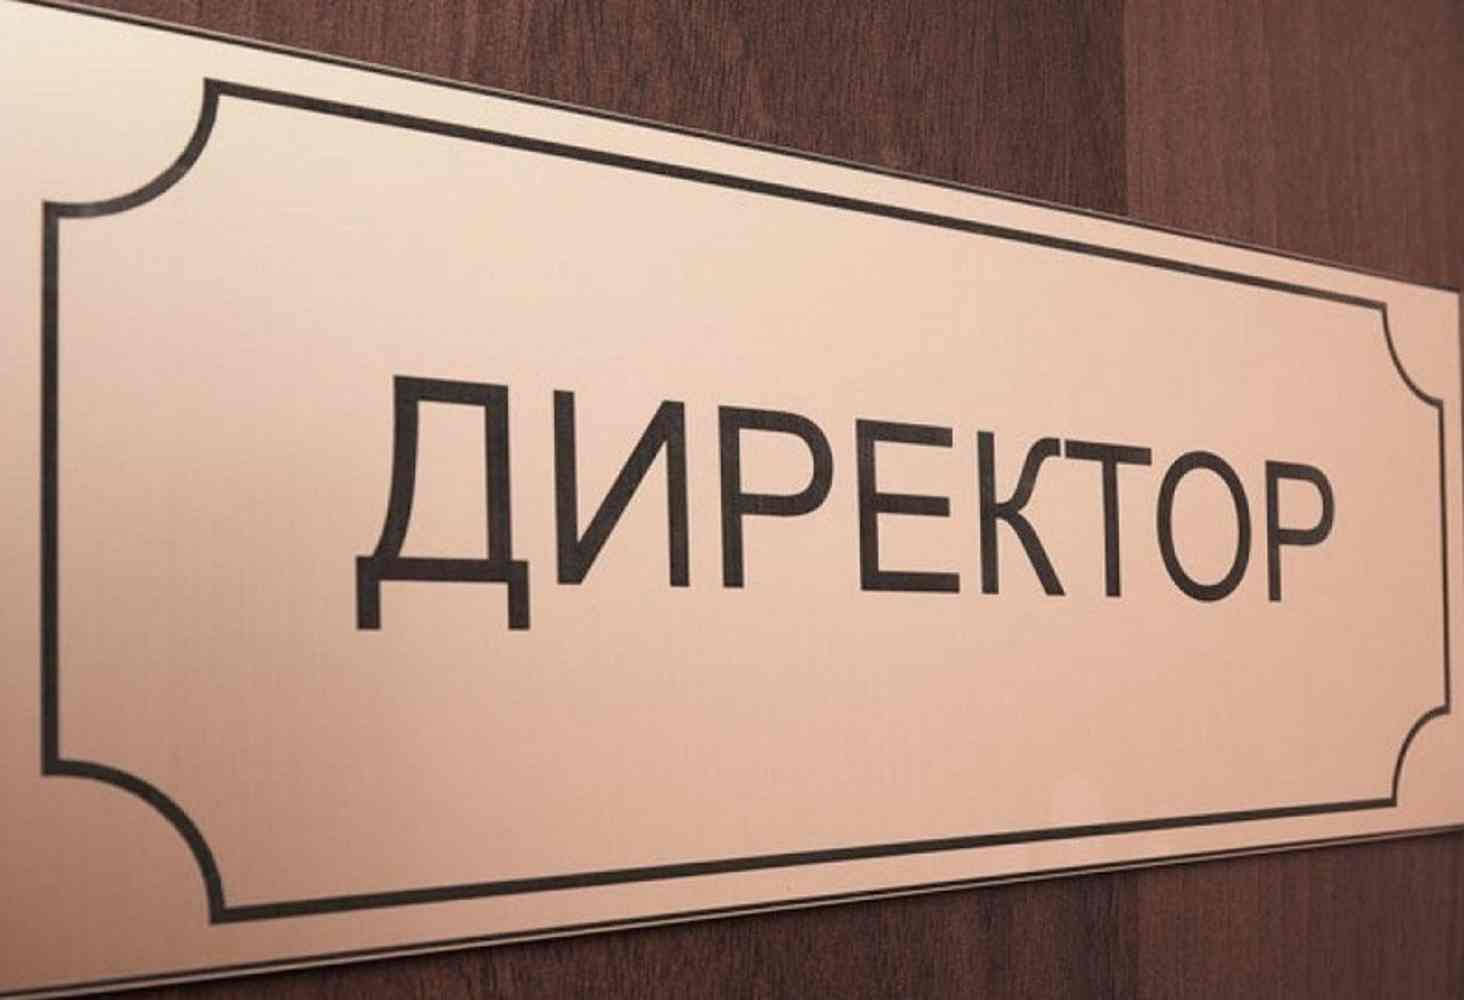 direktora-rossijskih-shkol-schitayut-chto-im-ne-hvataet-kompetentsij-rukovoditelya